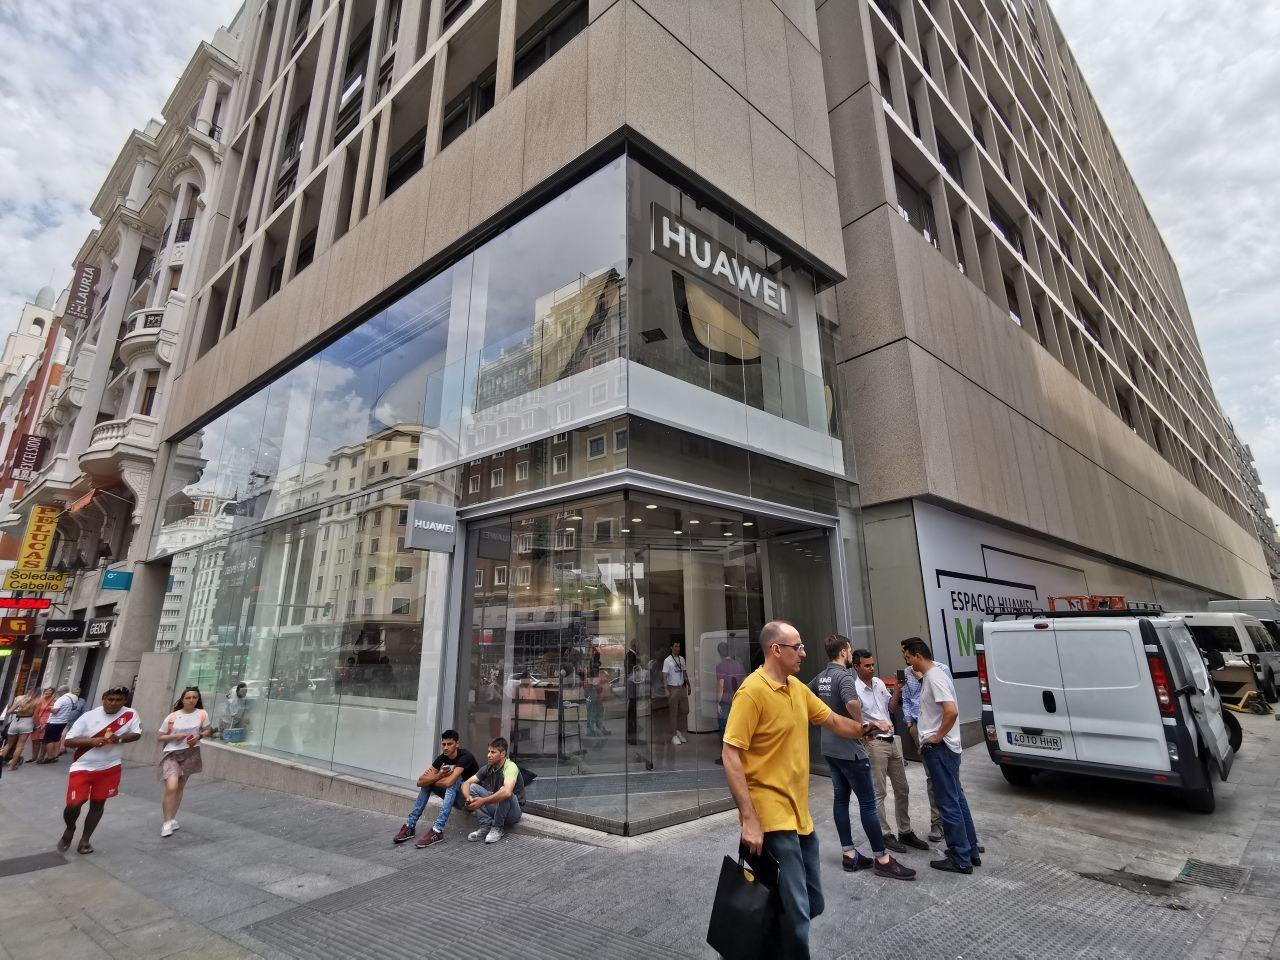 El espacio en el que han construido la tienda de Huawei estaba anteriormente ocupado por la tienda de una marca de ropa low-cost.